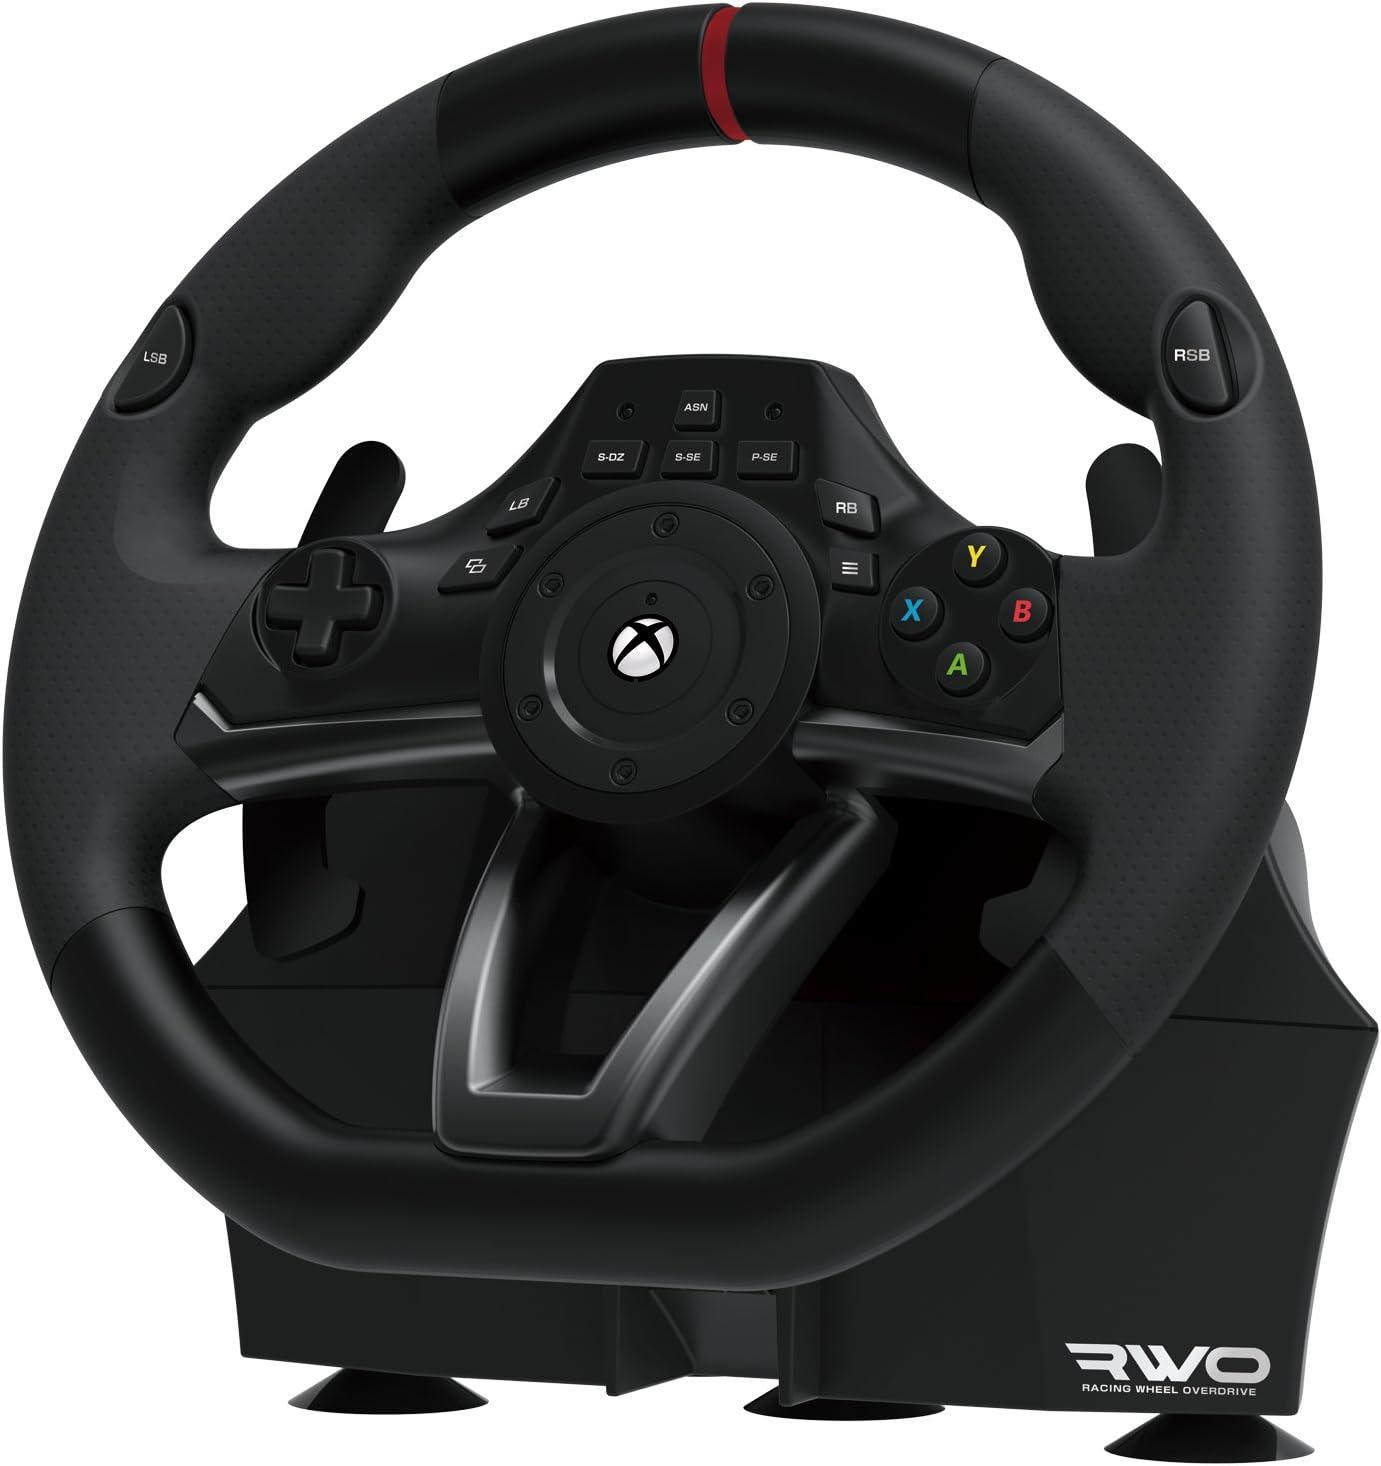 10 Best Xbox One Steering Wheels in 2021 (Reviews & Buyer's Guide)